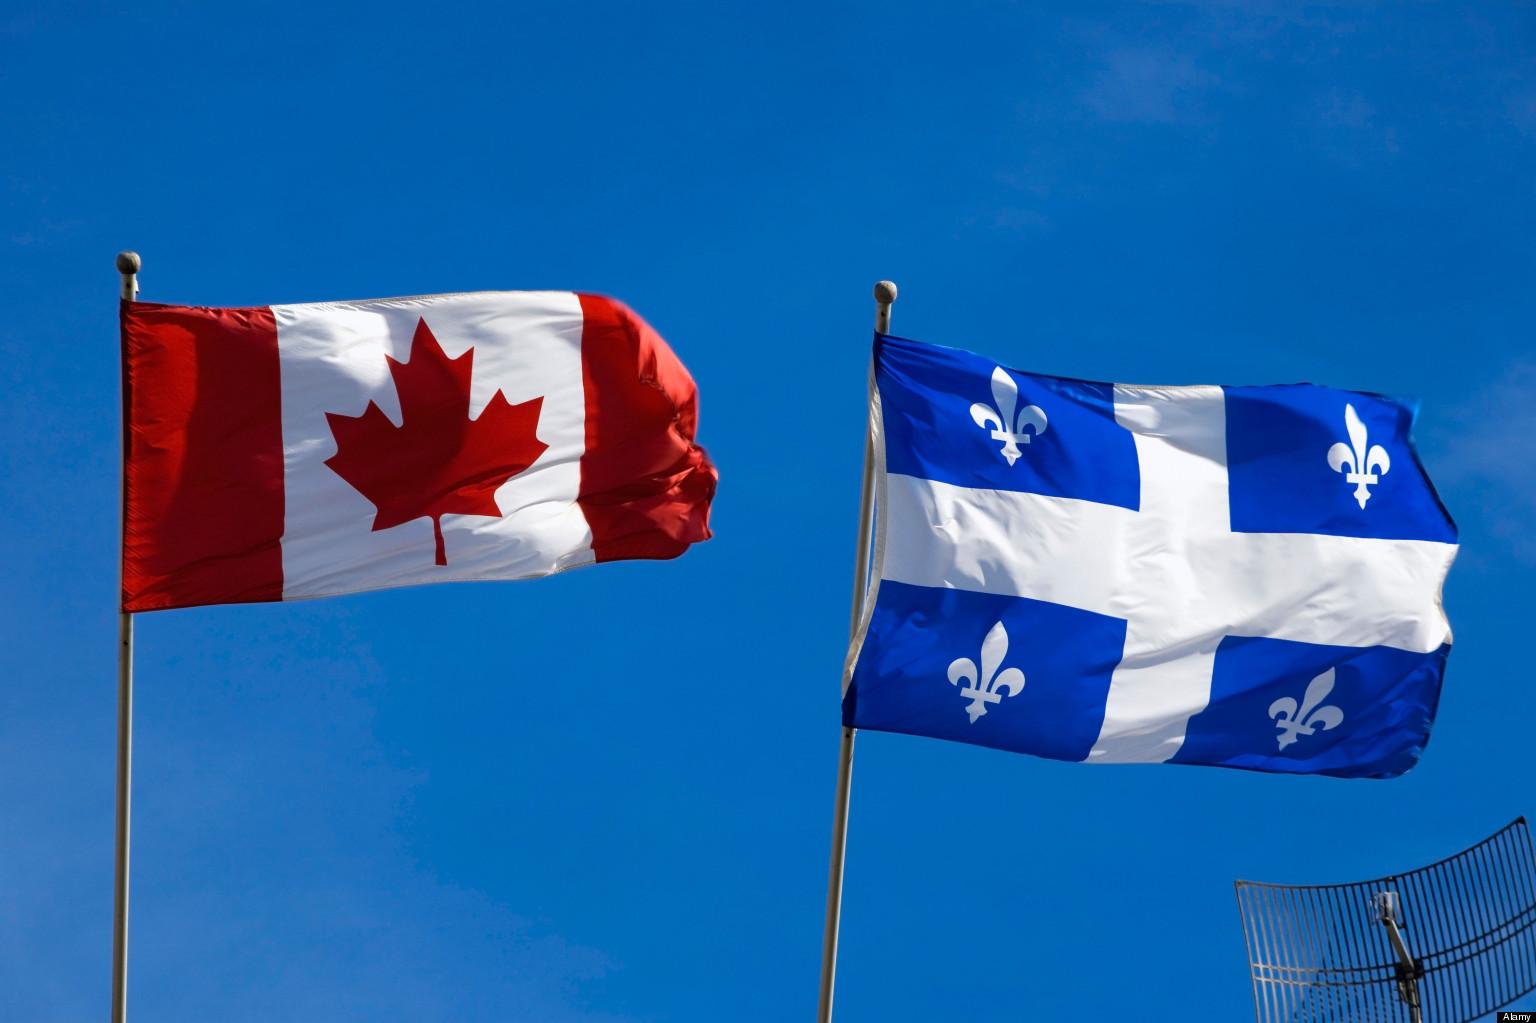 Quebec city gnrworld 39 s unofficial blog - Canada flag image ...